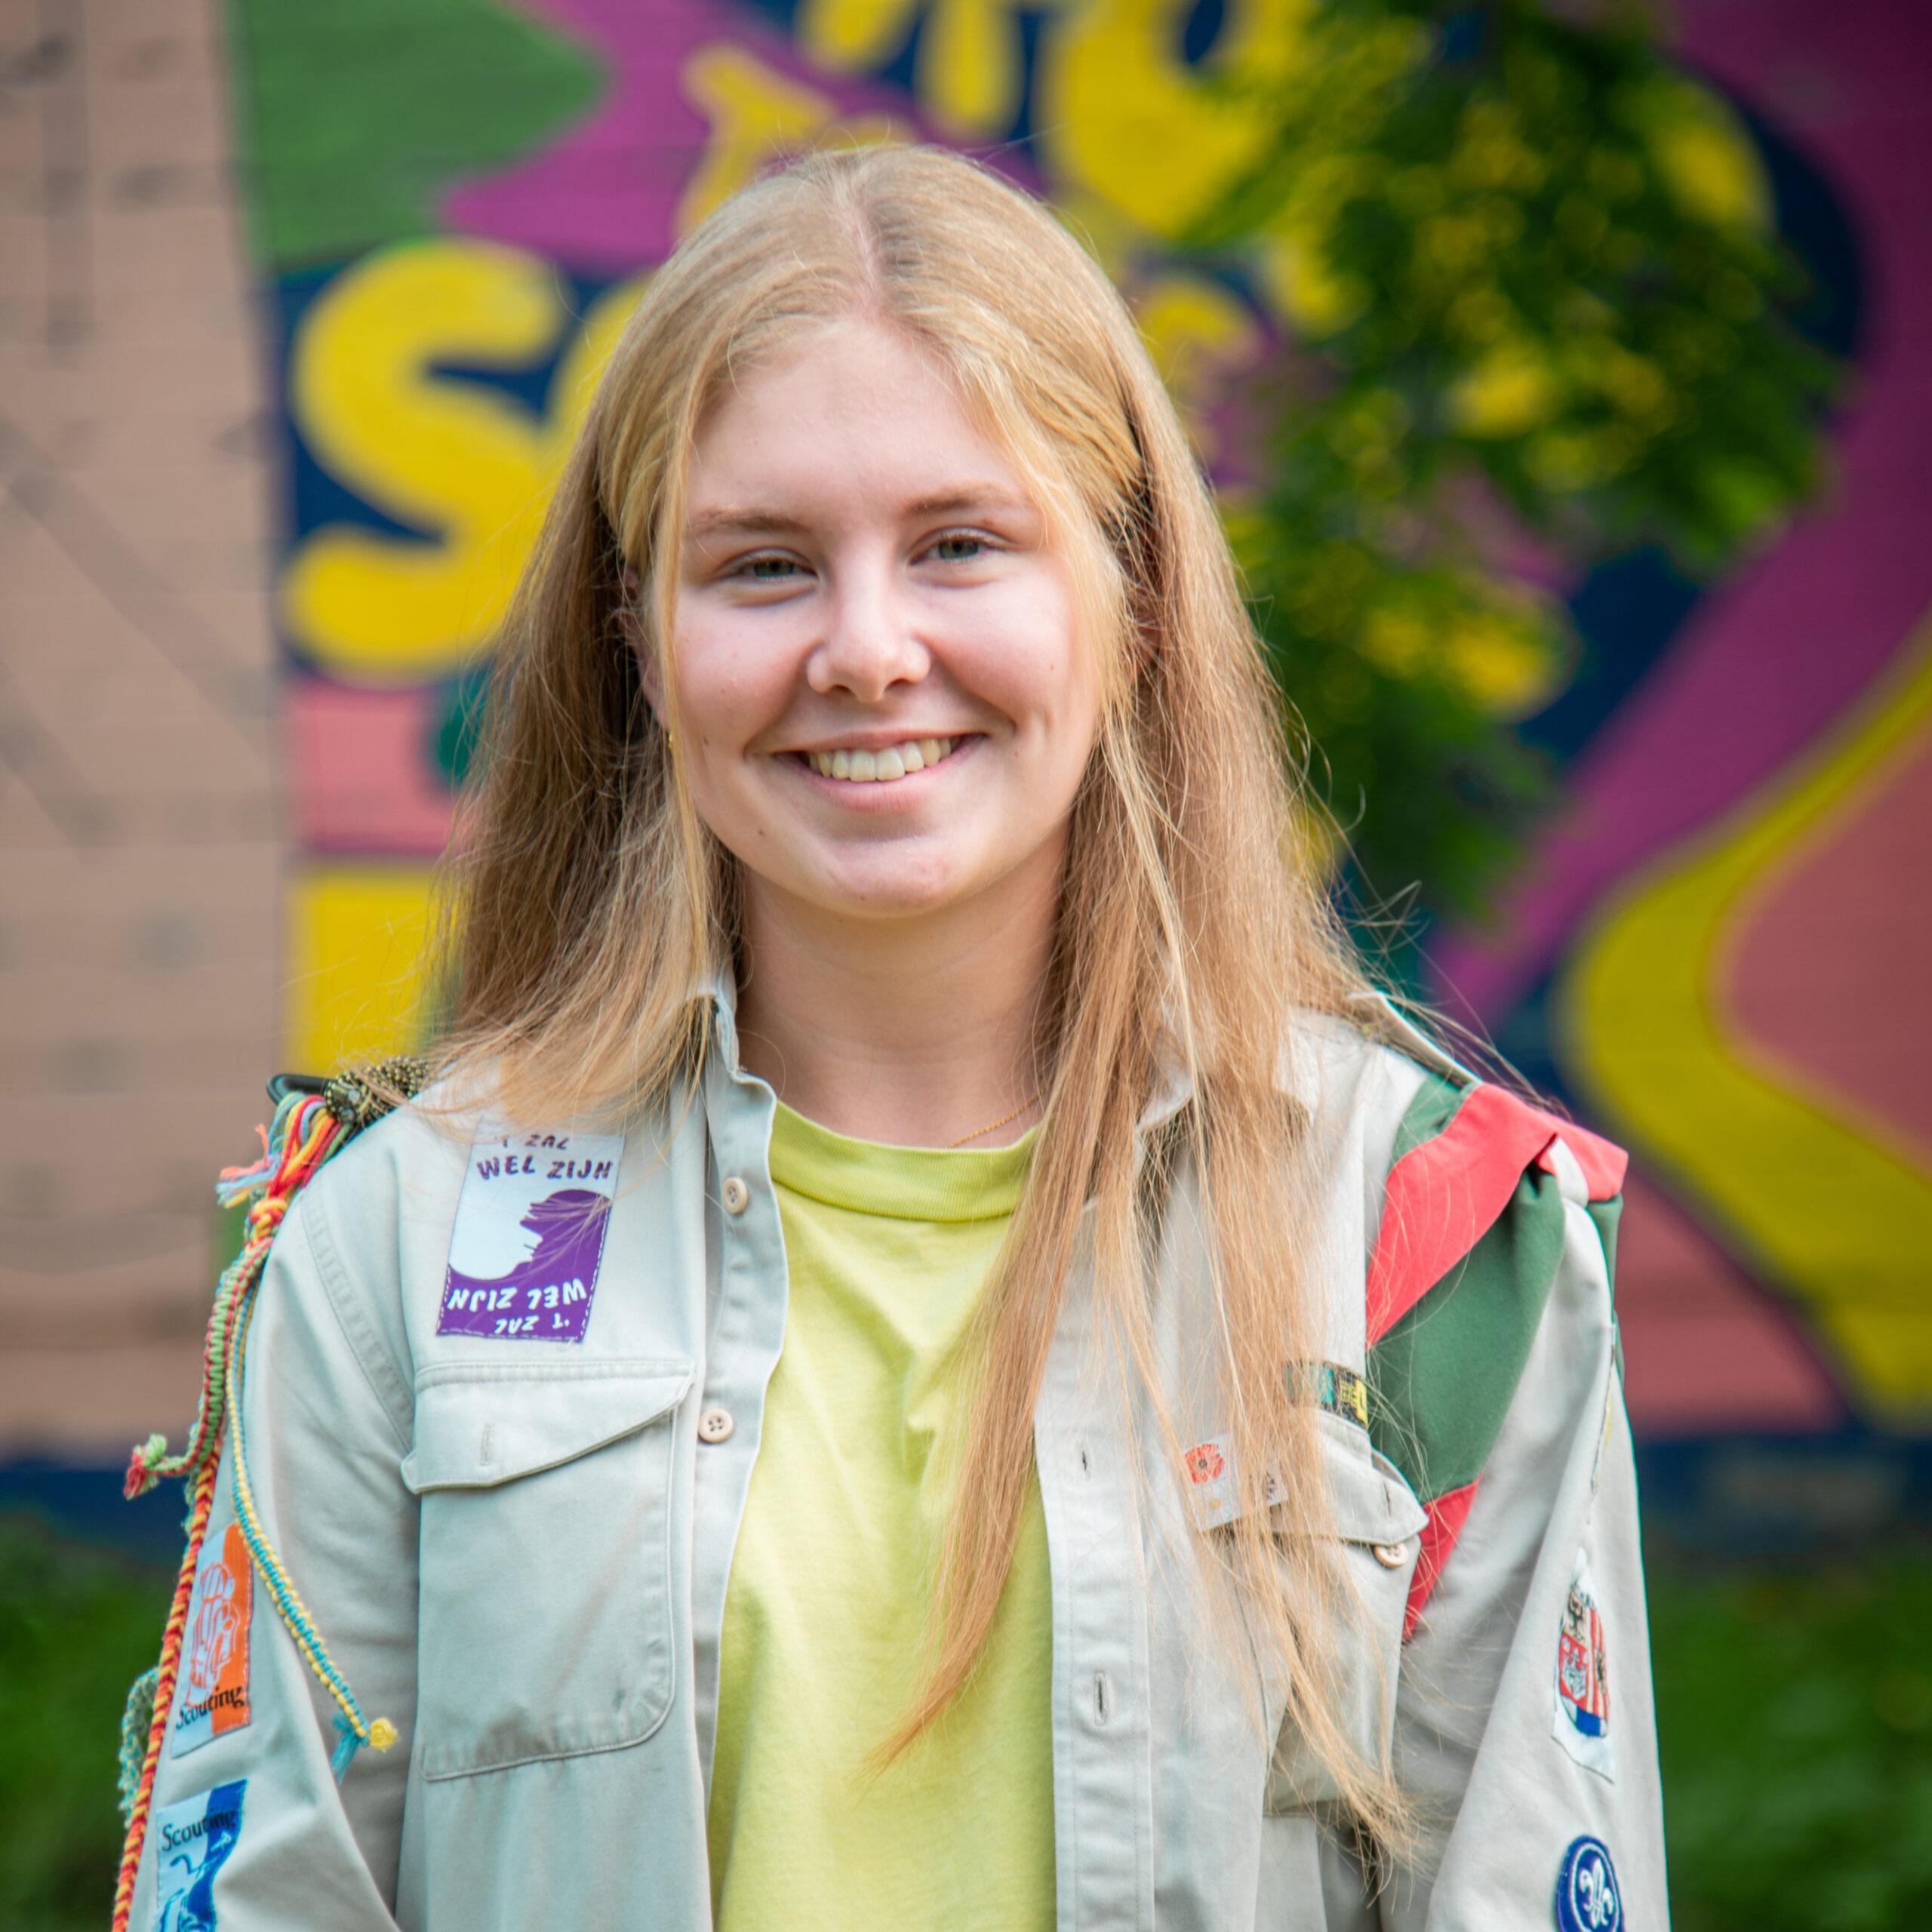 Astrid Moulaert